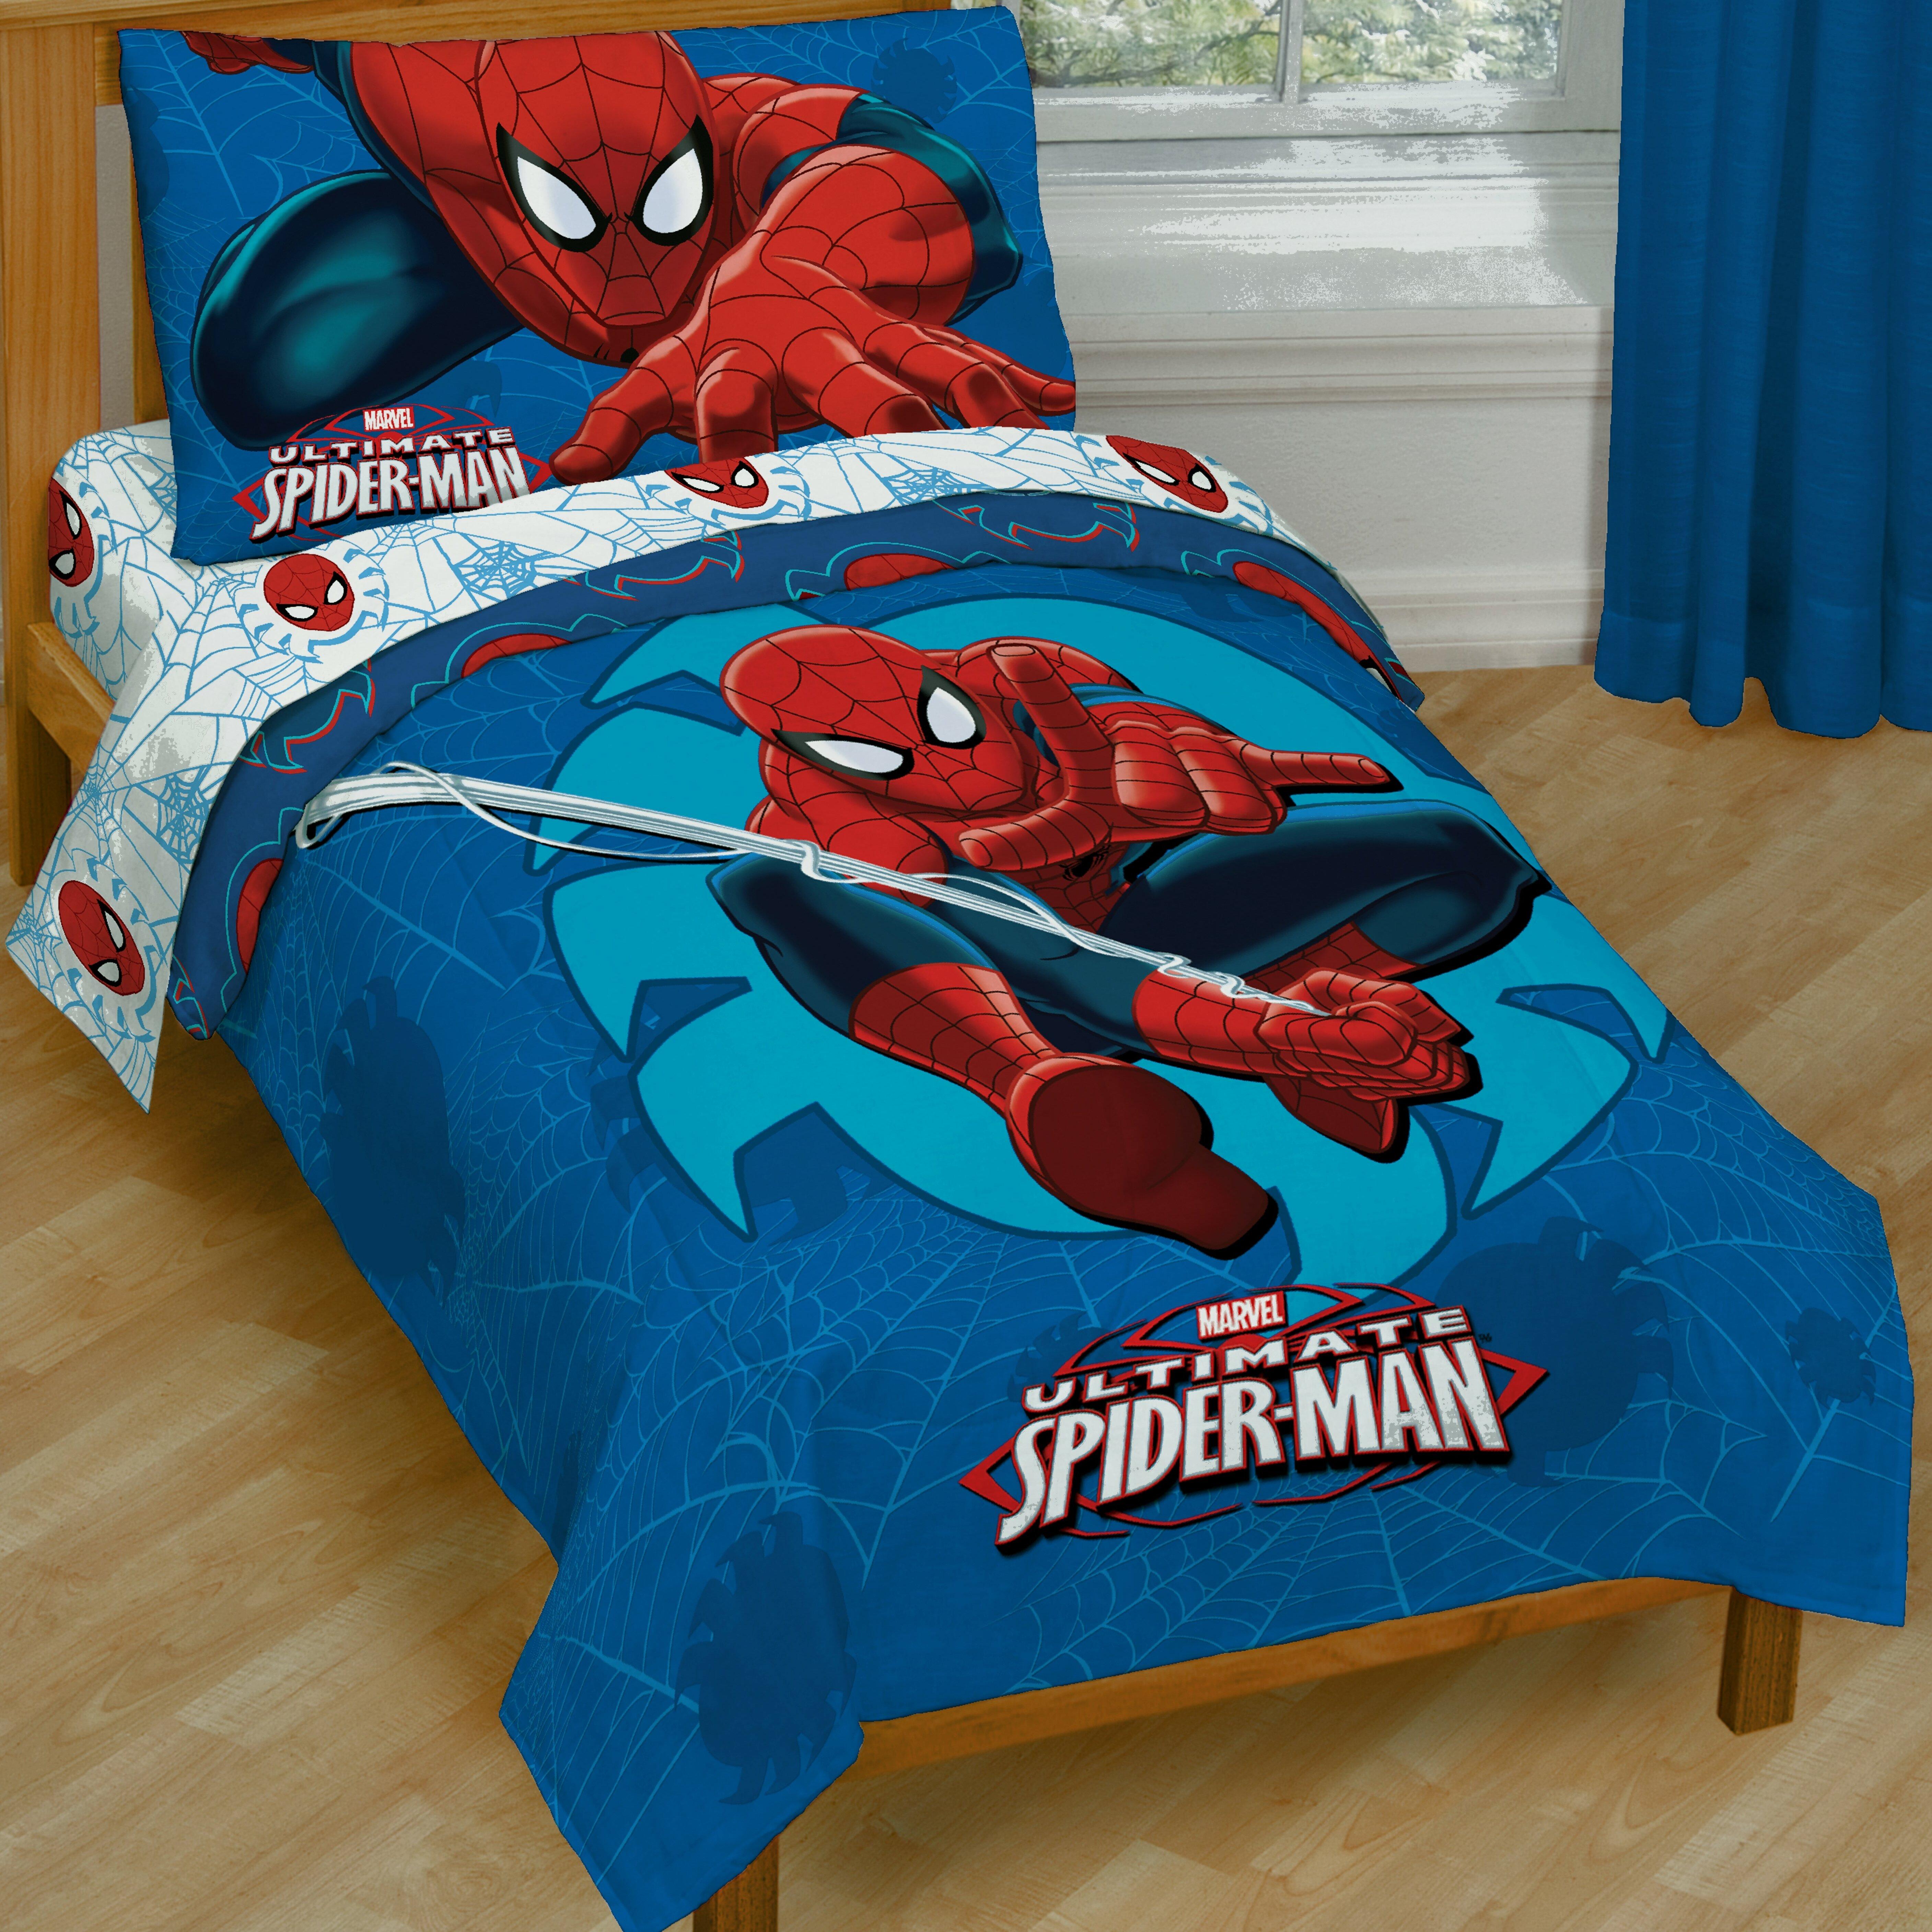 Marvel Spiderman Toddler Bedding Set Amp Reviews